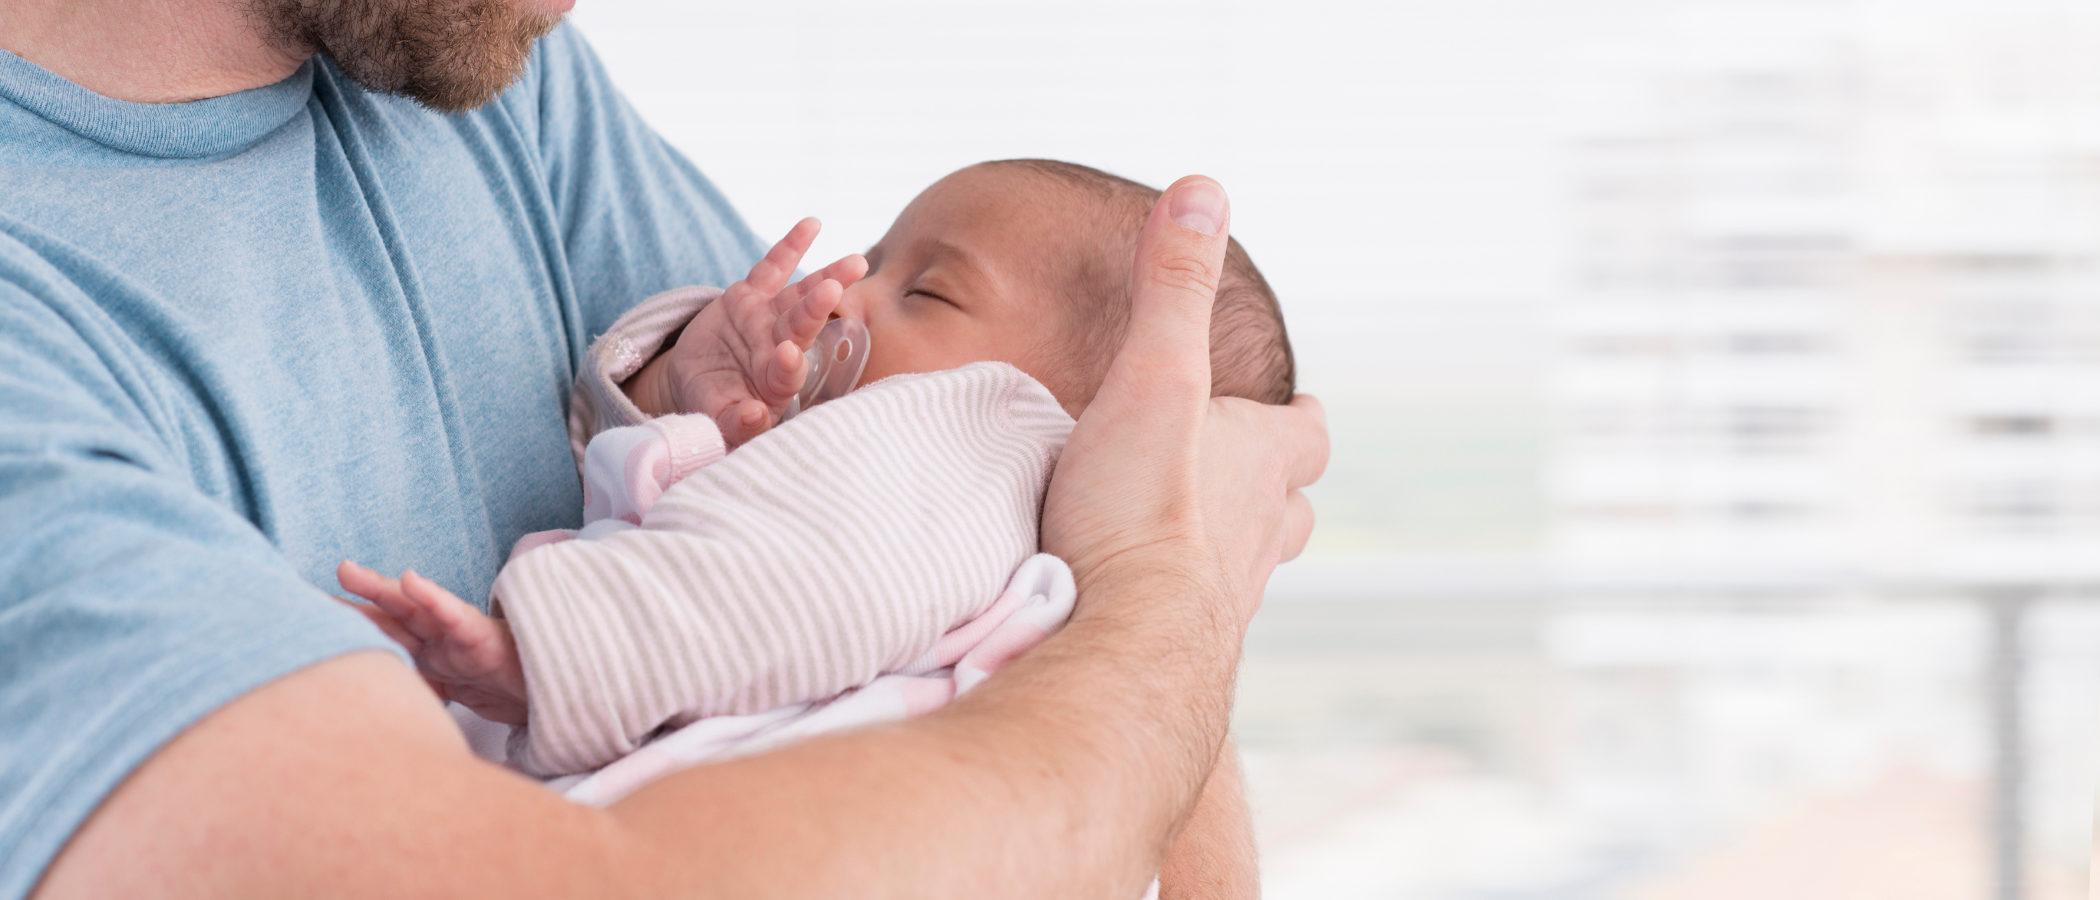 Cómo detectar y aliviar los cólicos en bebés